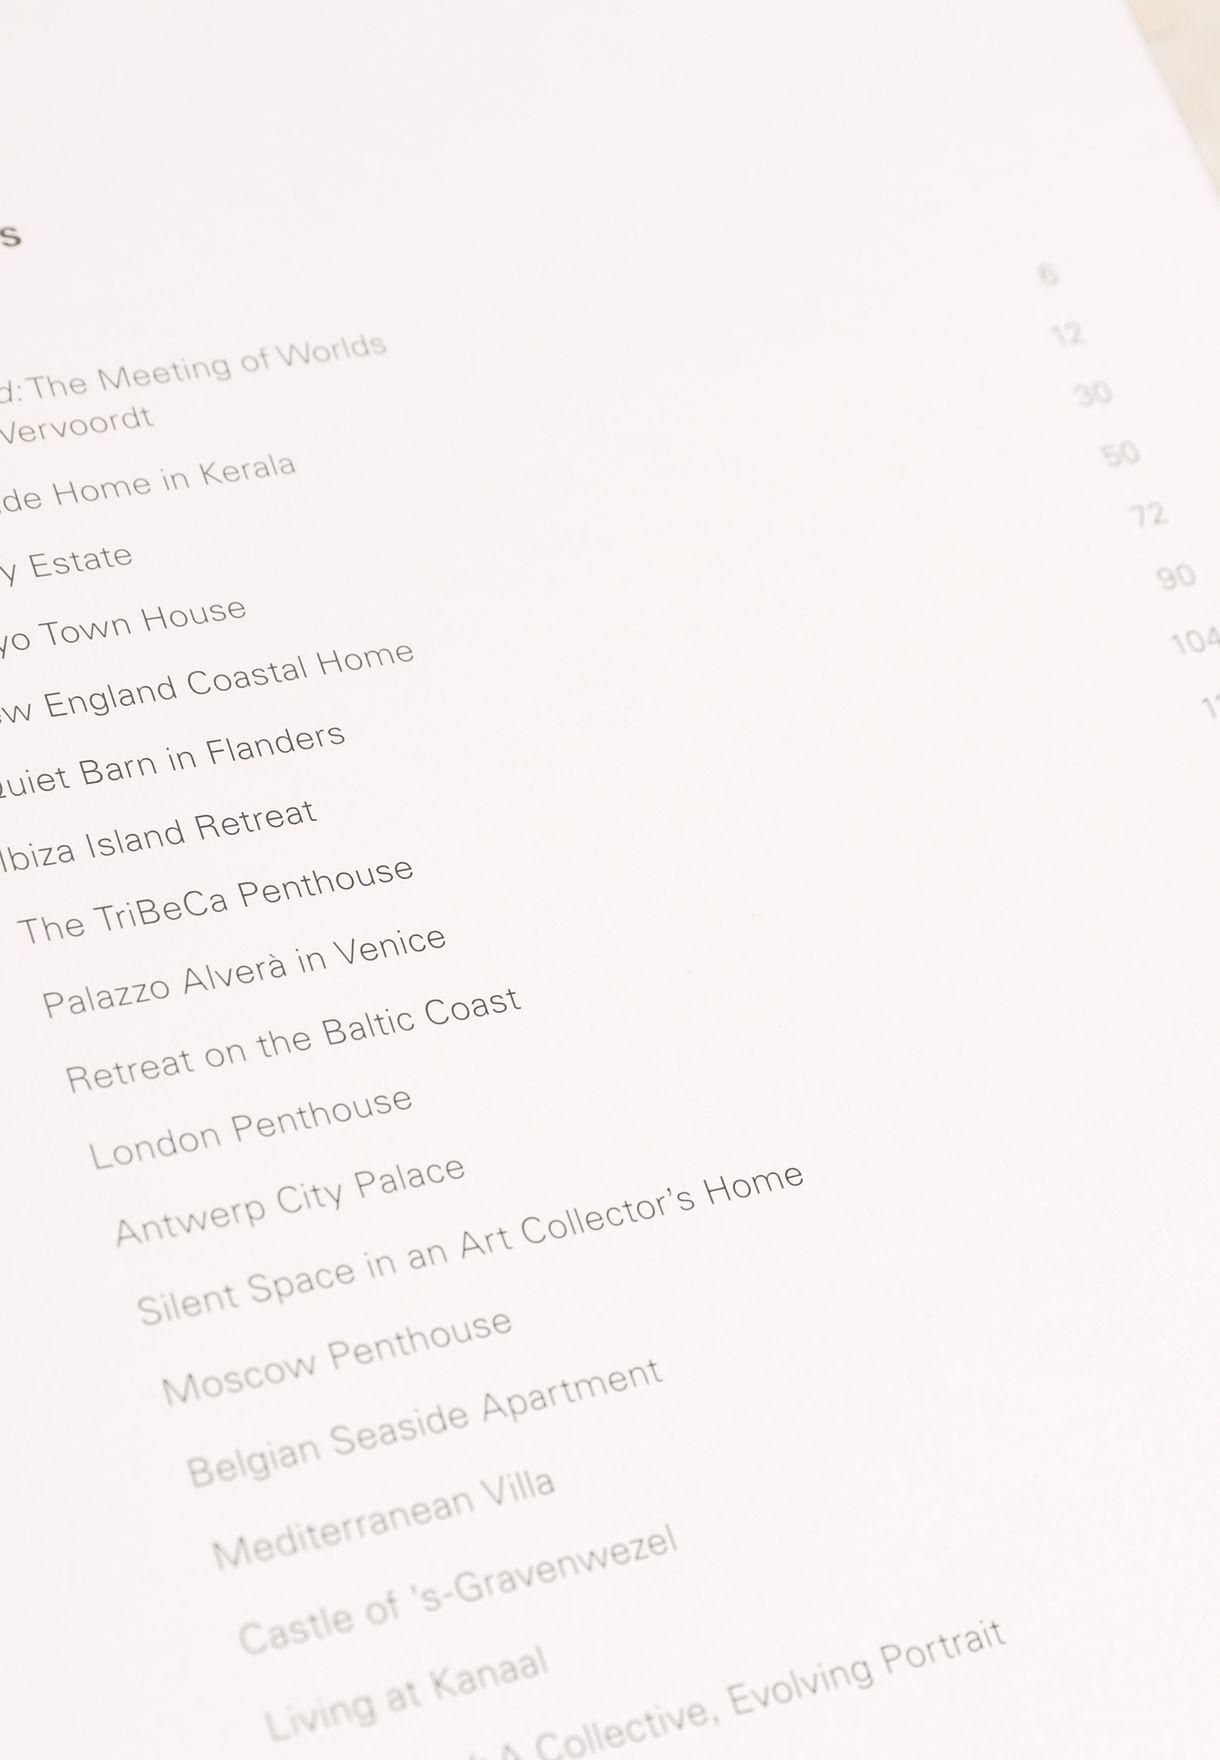 كتاب اليكس فيرفوردت: بورتريت اوف انتيريورز